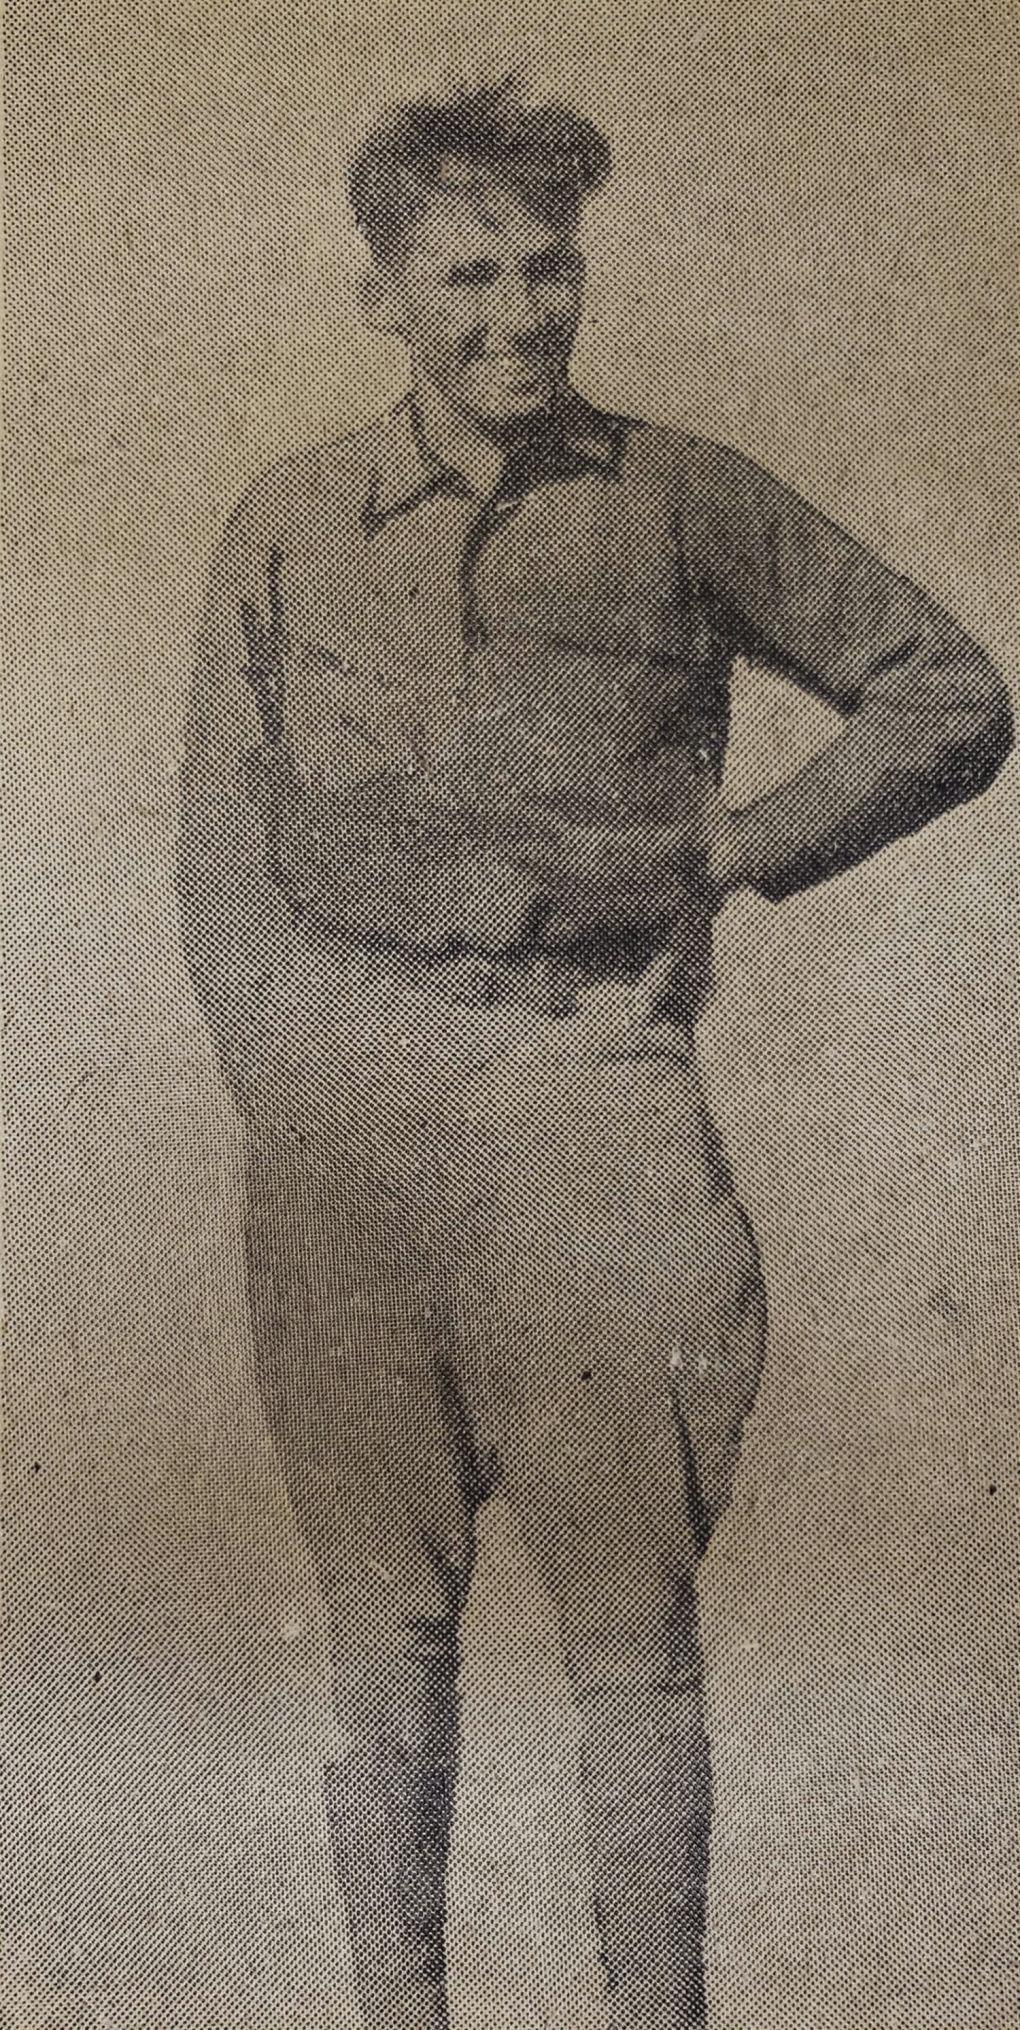 Merton Maynard